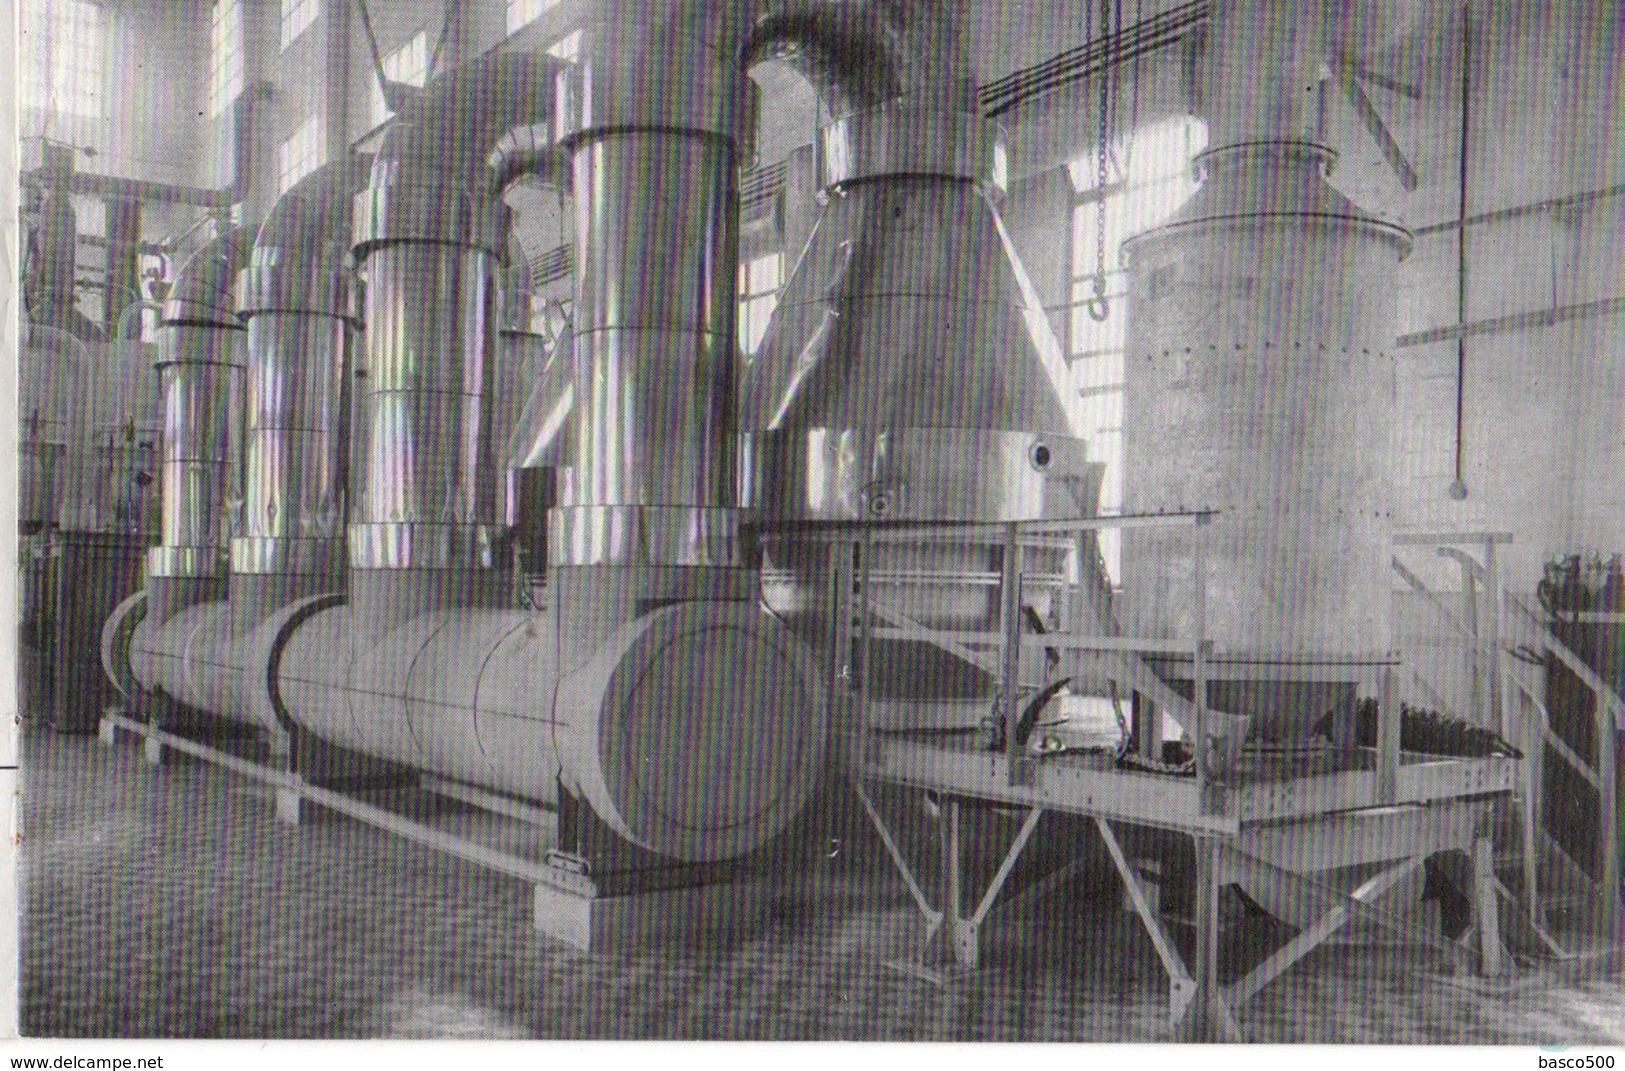 1953 GRAND COURONNE - USINE PEC (Potasse Engrais Chimiques) Livret De 9 Photos Inédites - Altri Comuni